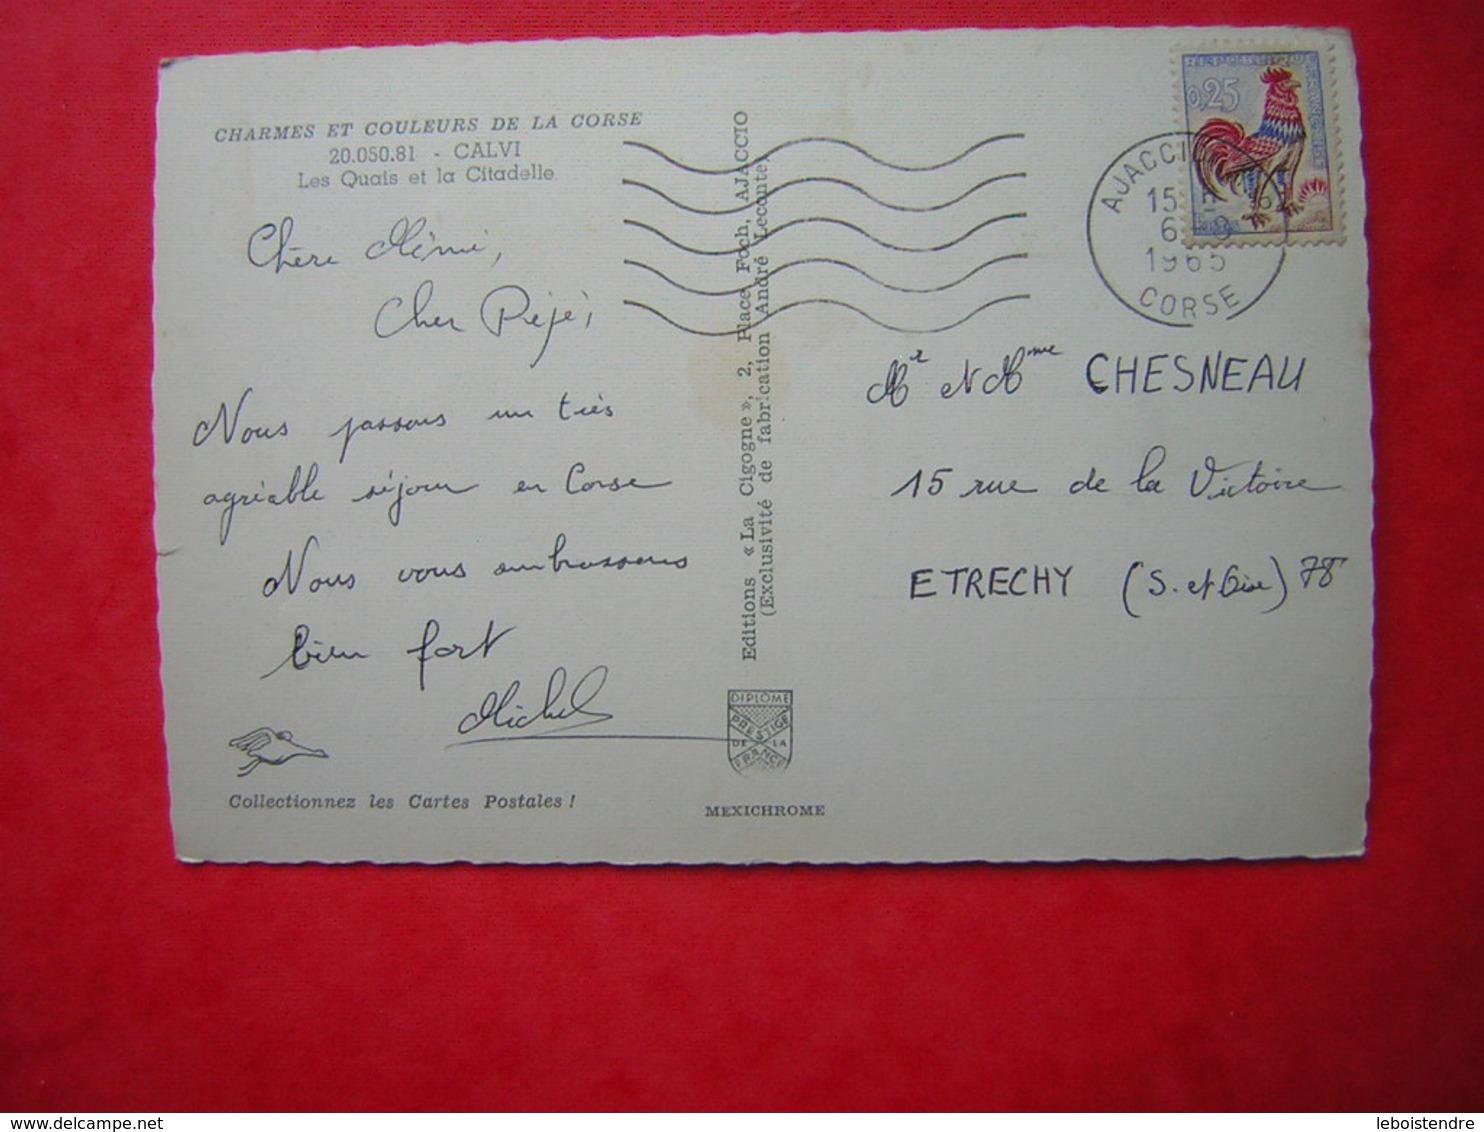 CPSM CHARMES ET COULEURS DE LA CORSE  CALVI  LES QUAIS ET LA CITADELLE    VOYAGEE 1965 TIMBRE - Calvi